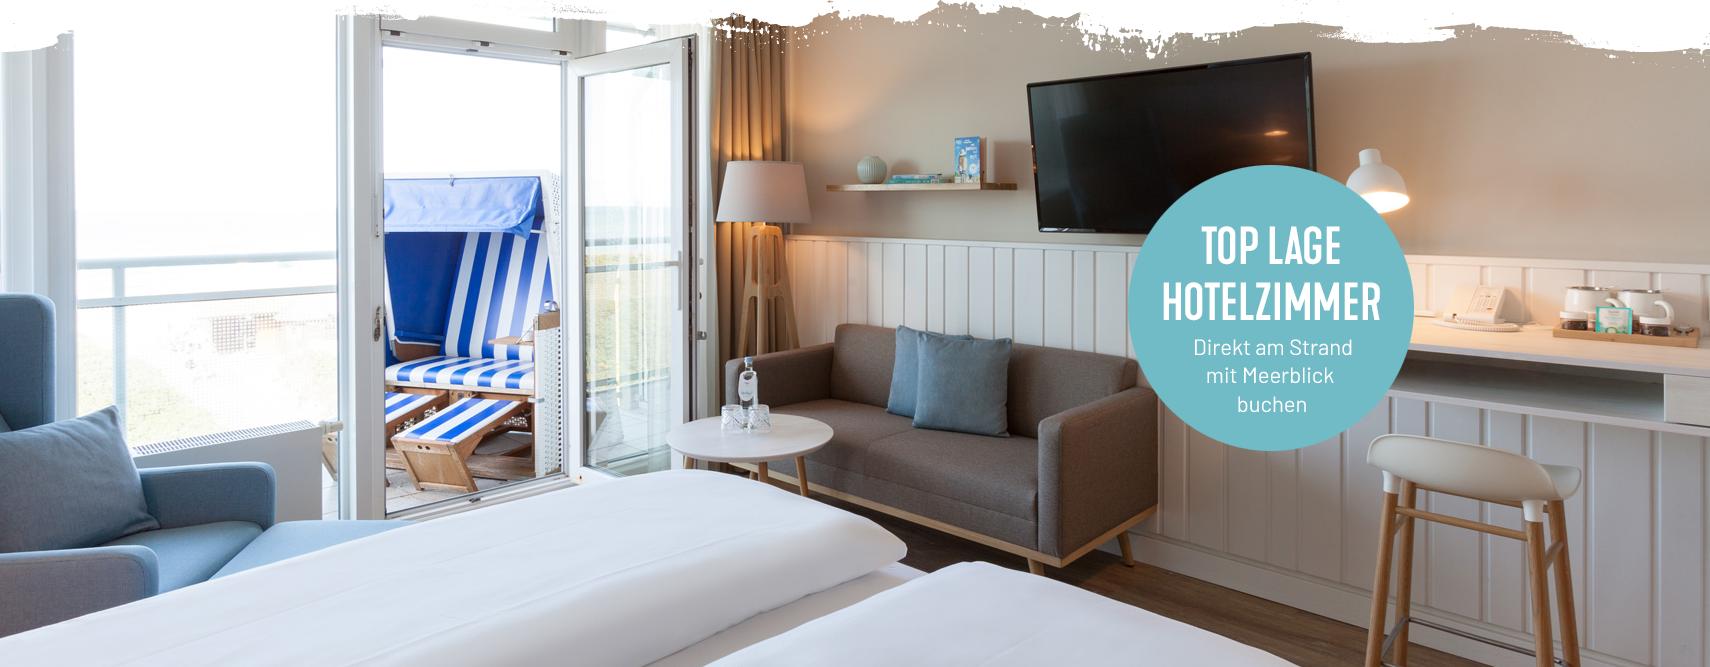 Hotelzimmer am Strand mit Meerblick im Wyn. Strandhotel Wyn buchen